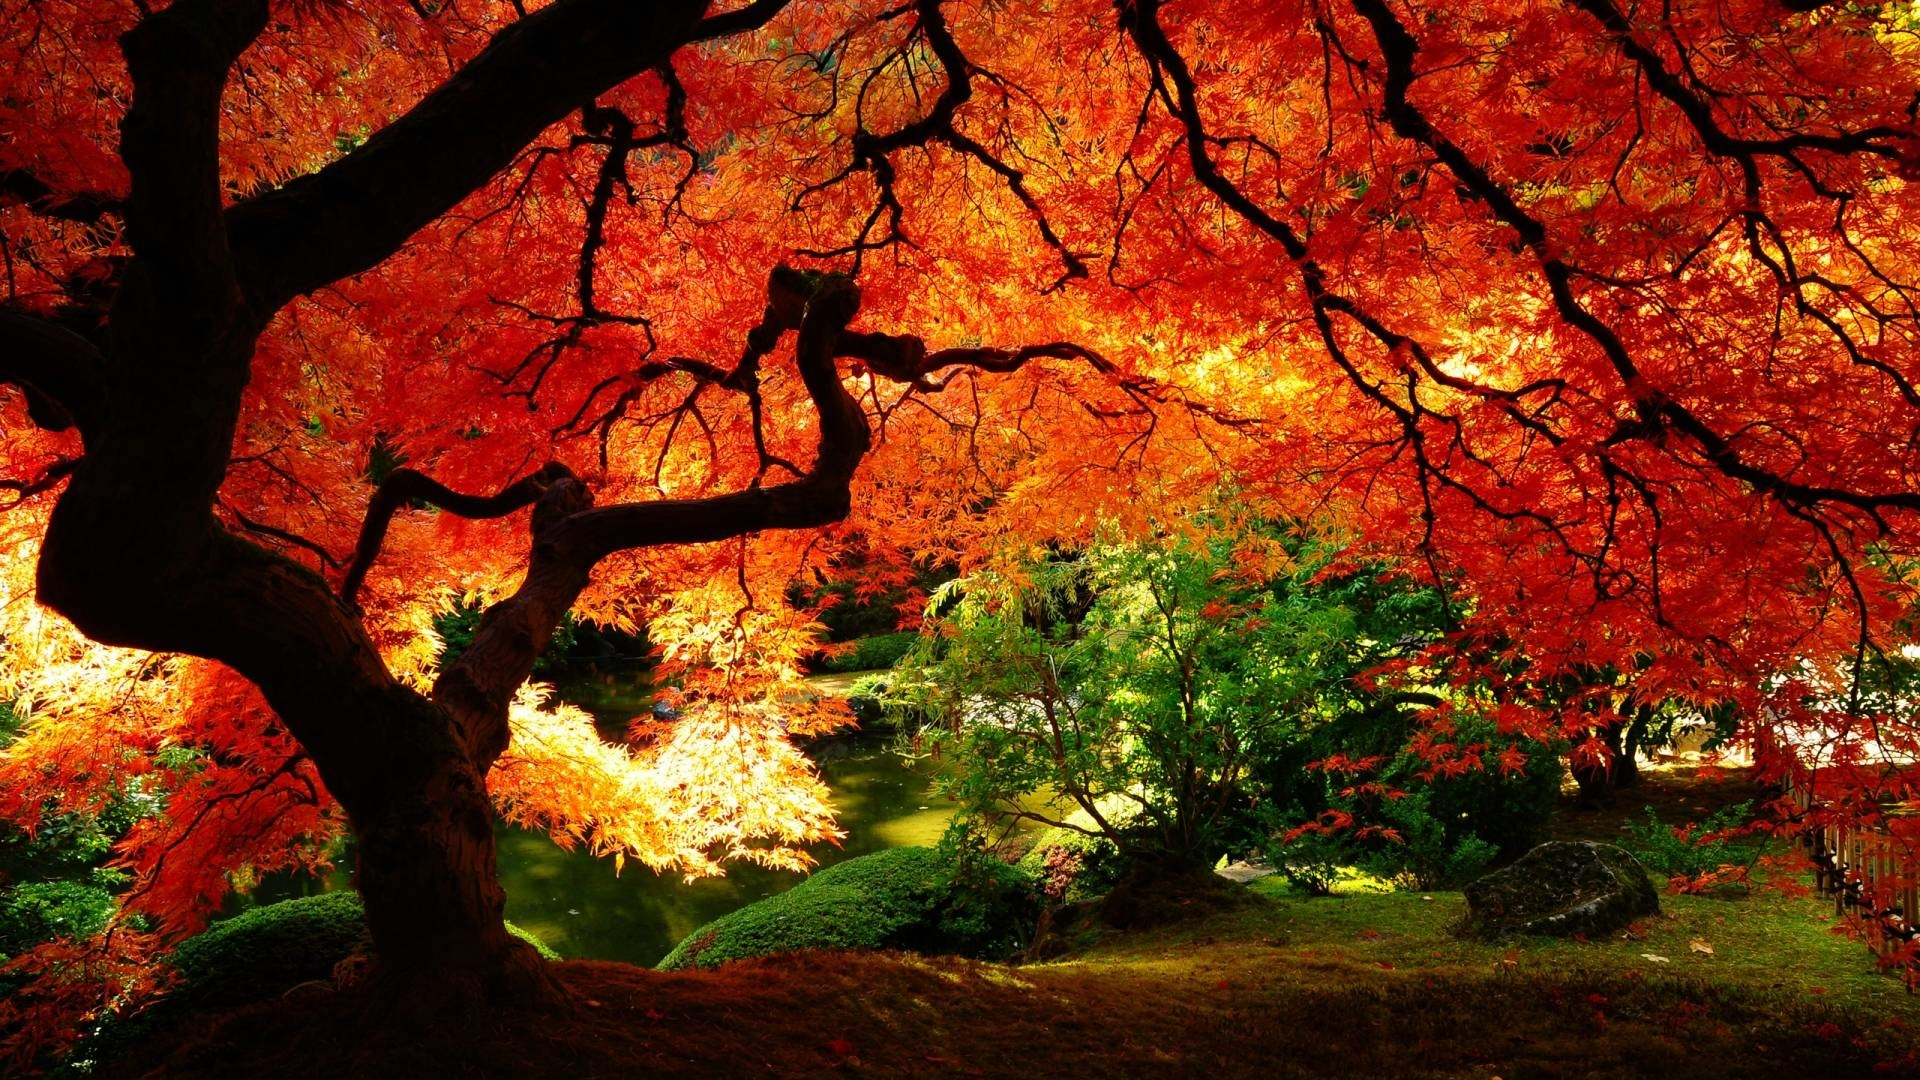 Fall Background Desktop (68+ images)